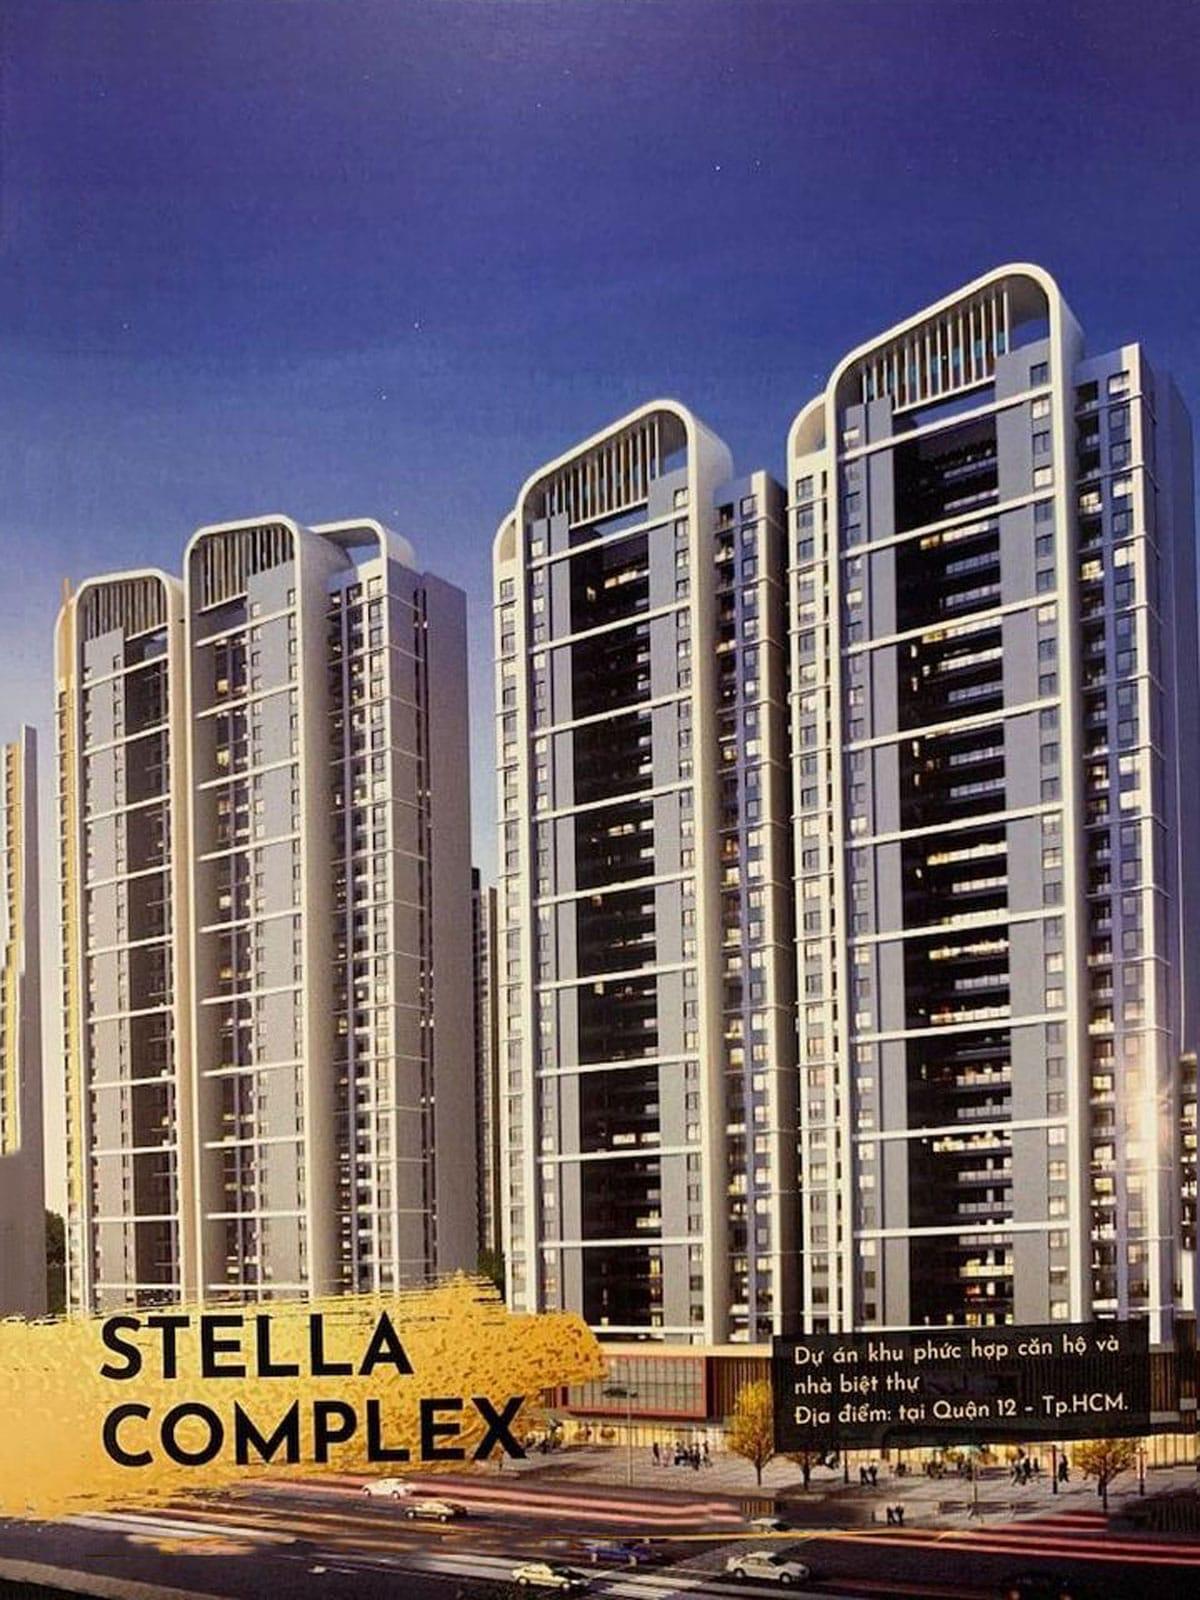 Stella Complex Quan 12 - Stella Complex Quận 12